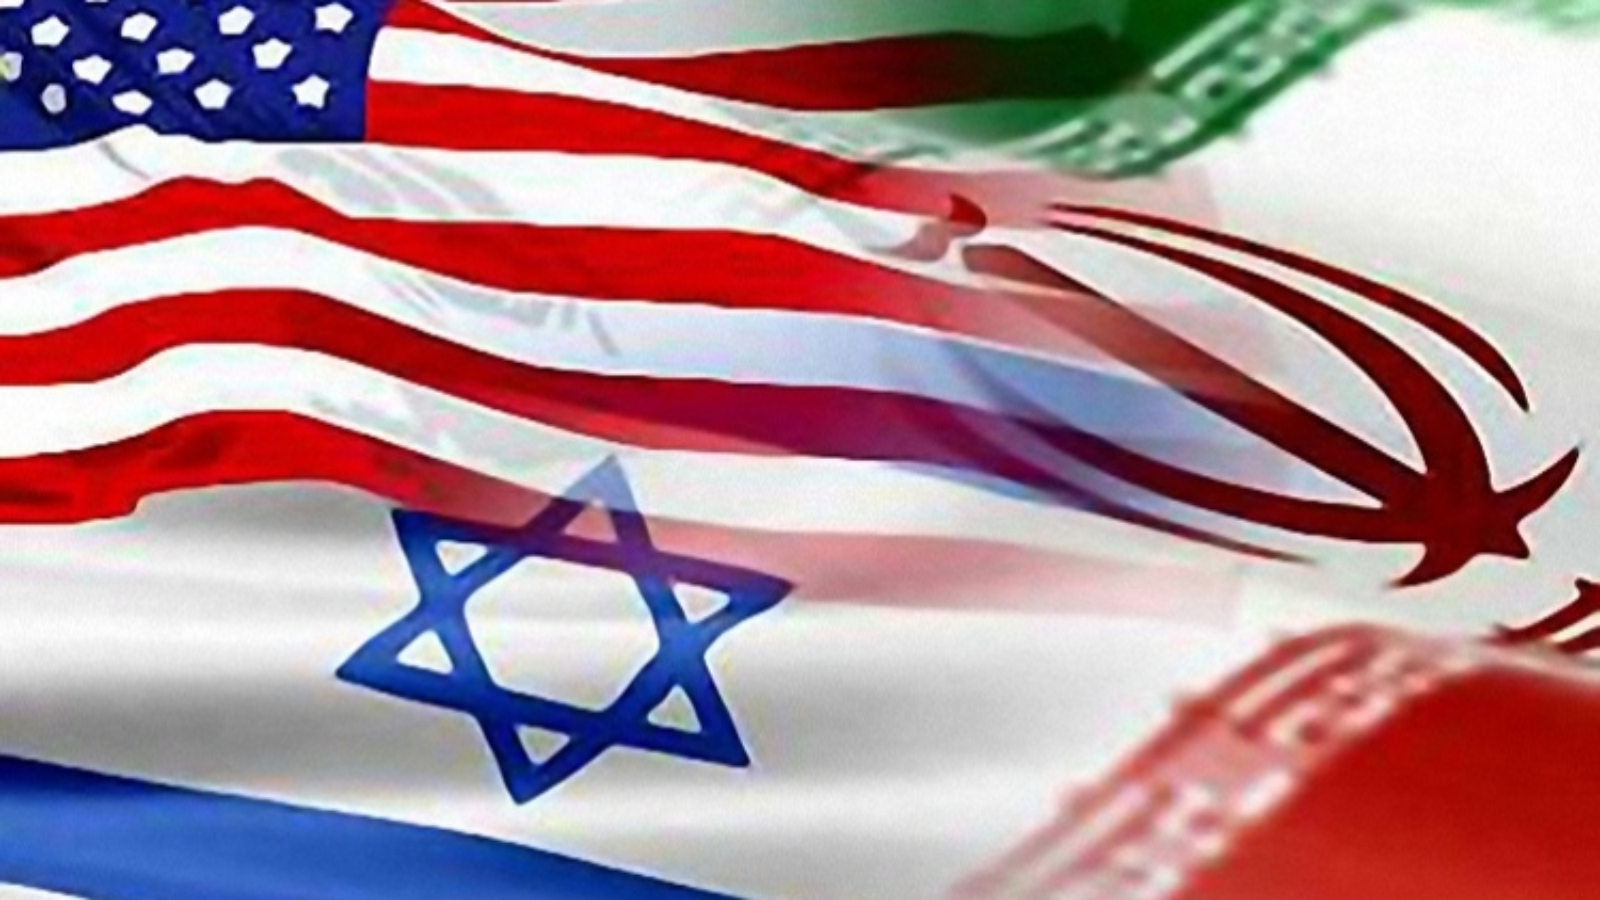 Thỏa thuận hạt nhân 2015: Israel và Iran tìm cách tiếp cận chính quyền Biden